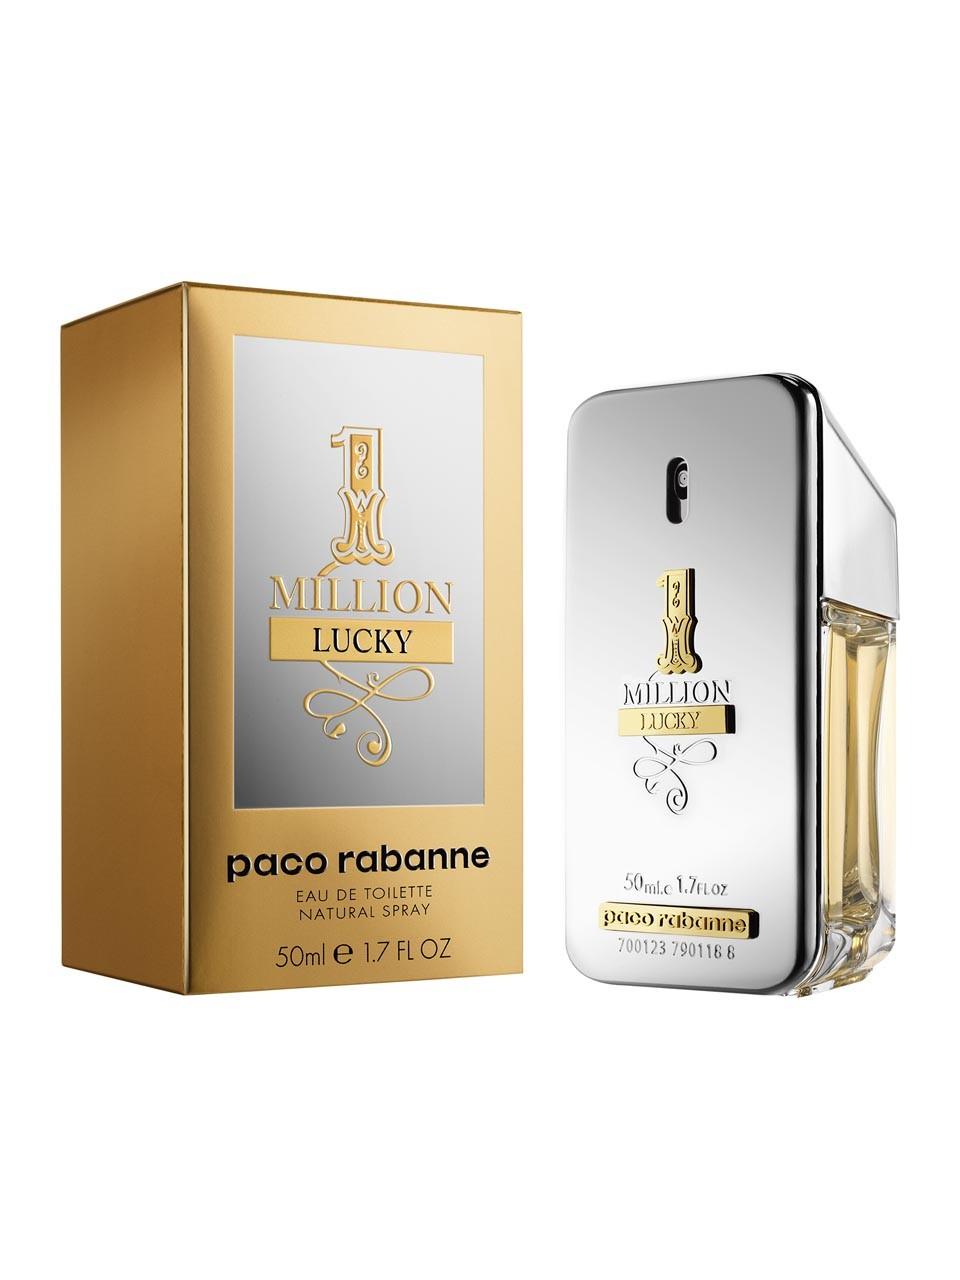 1 million lucky paco rabanne cologne un nouveau parfum. Black Bedroom Furniture Sets. Home Design Ideas